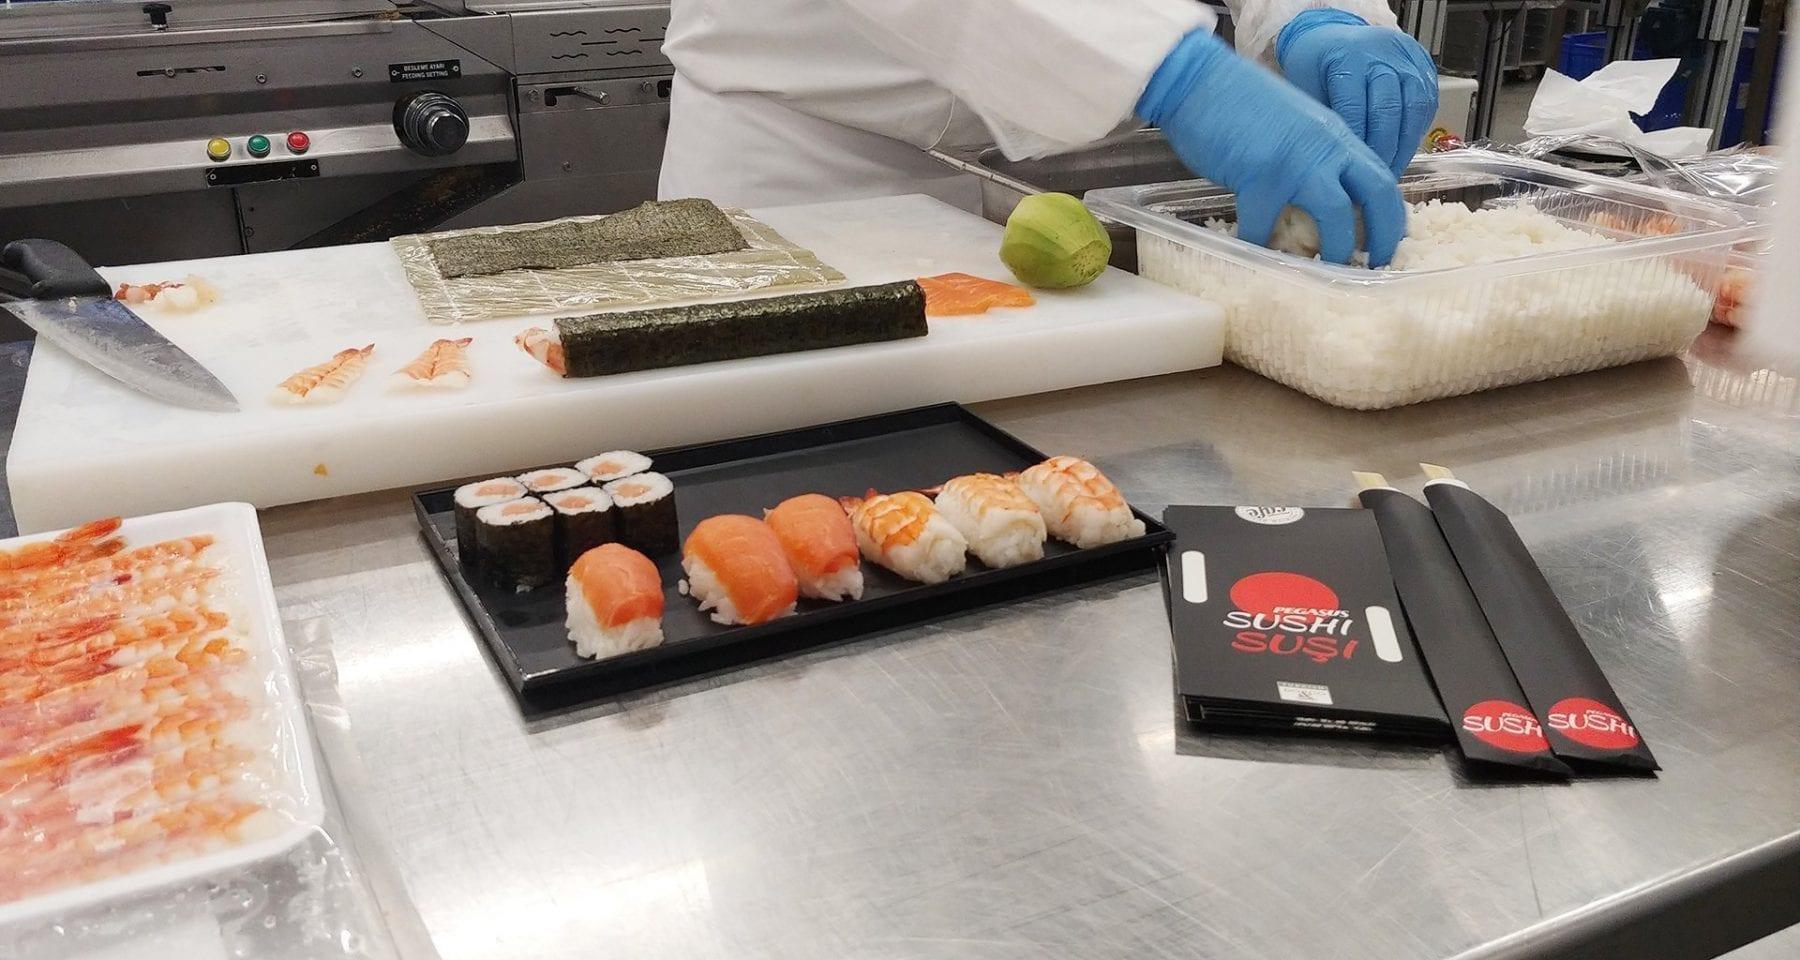 sushi pegasus airlines